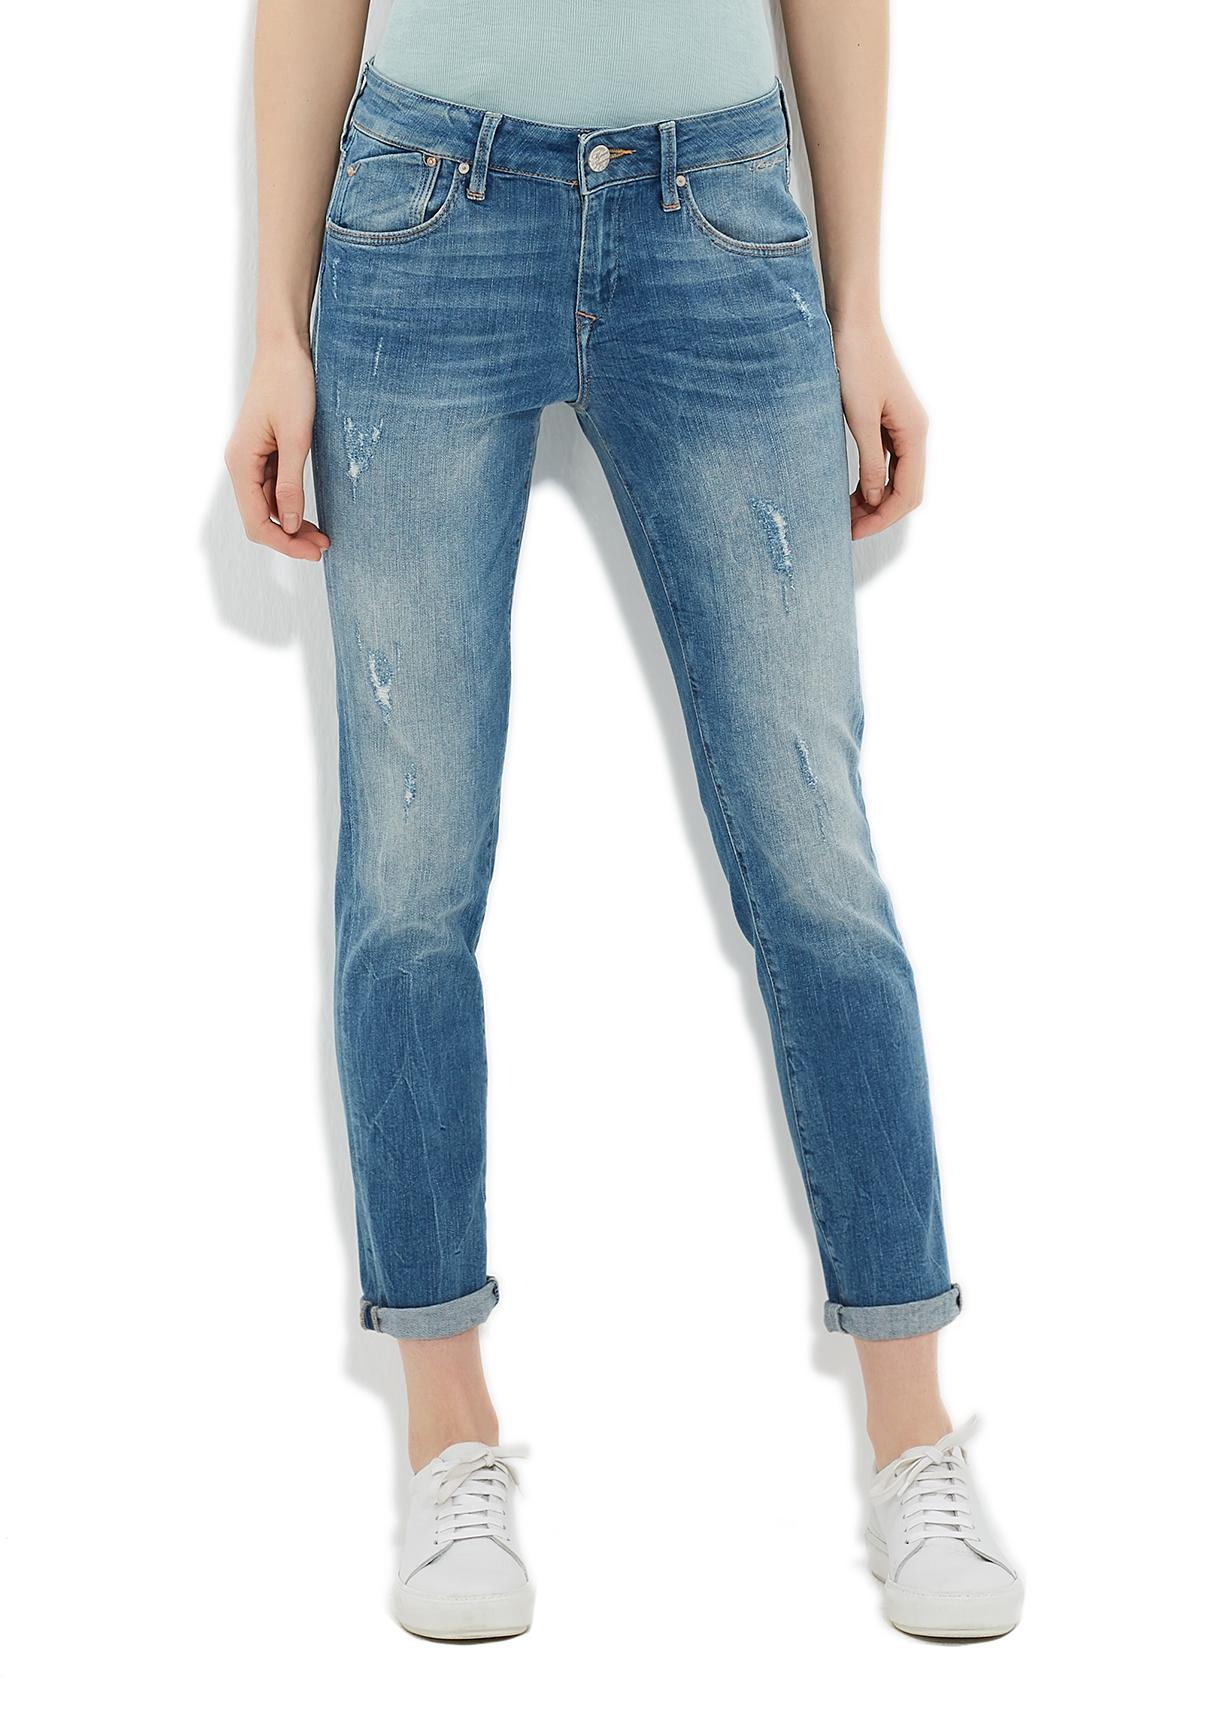 Mavi Paça Detaylı Jean Denim Pantolon 26-27 5001810449005 Ürün Resmi